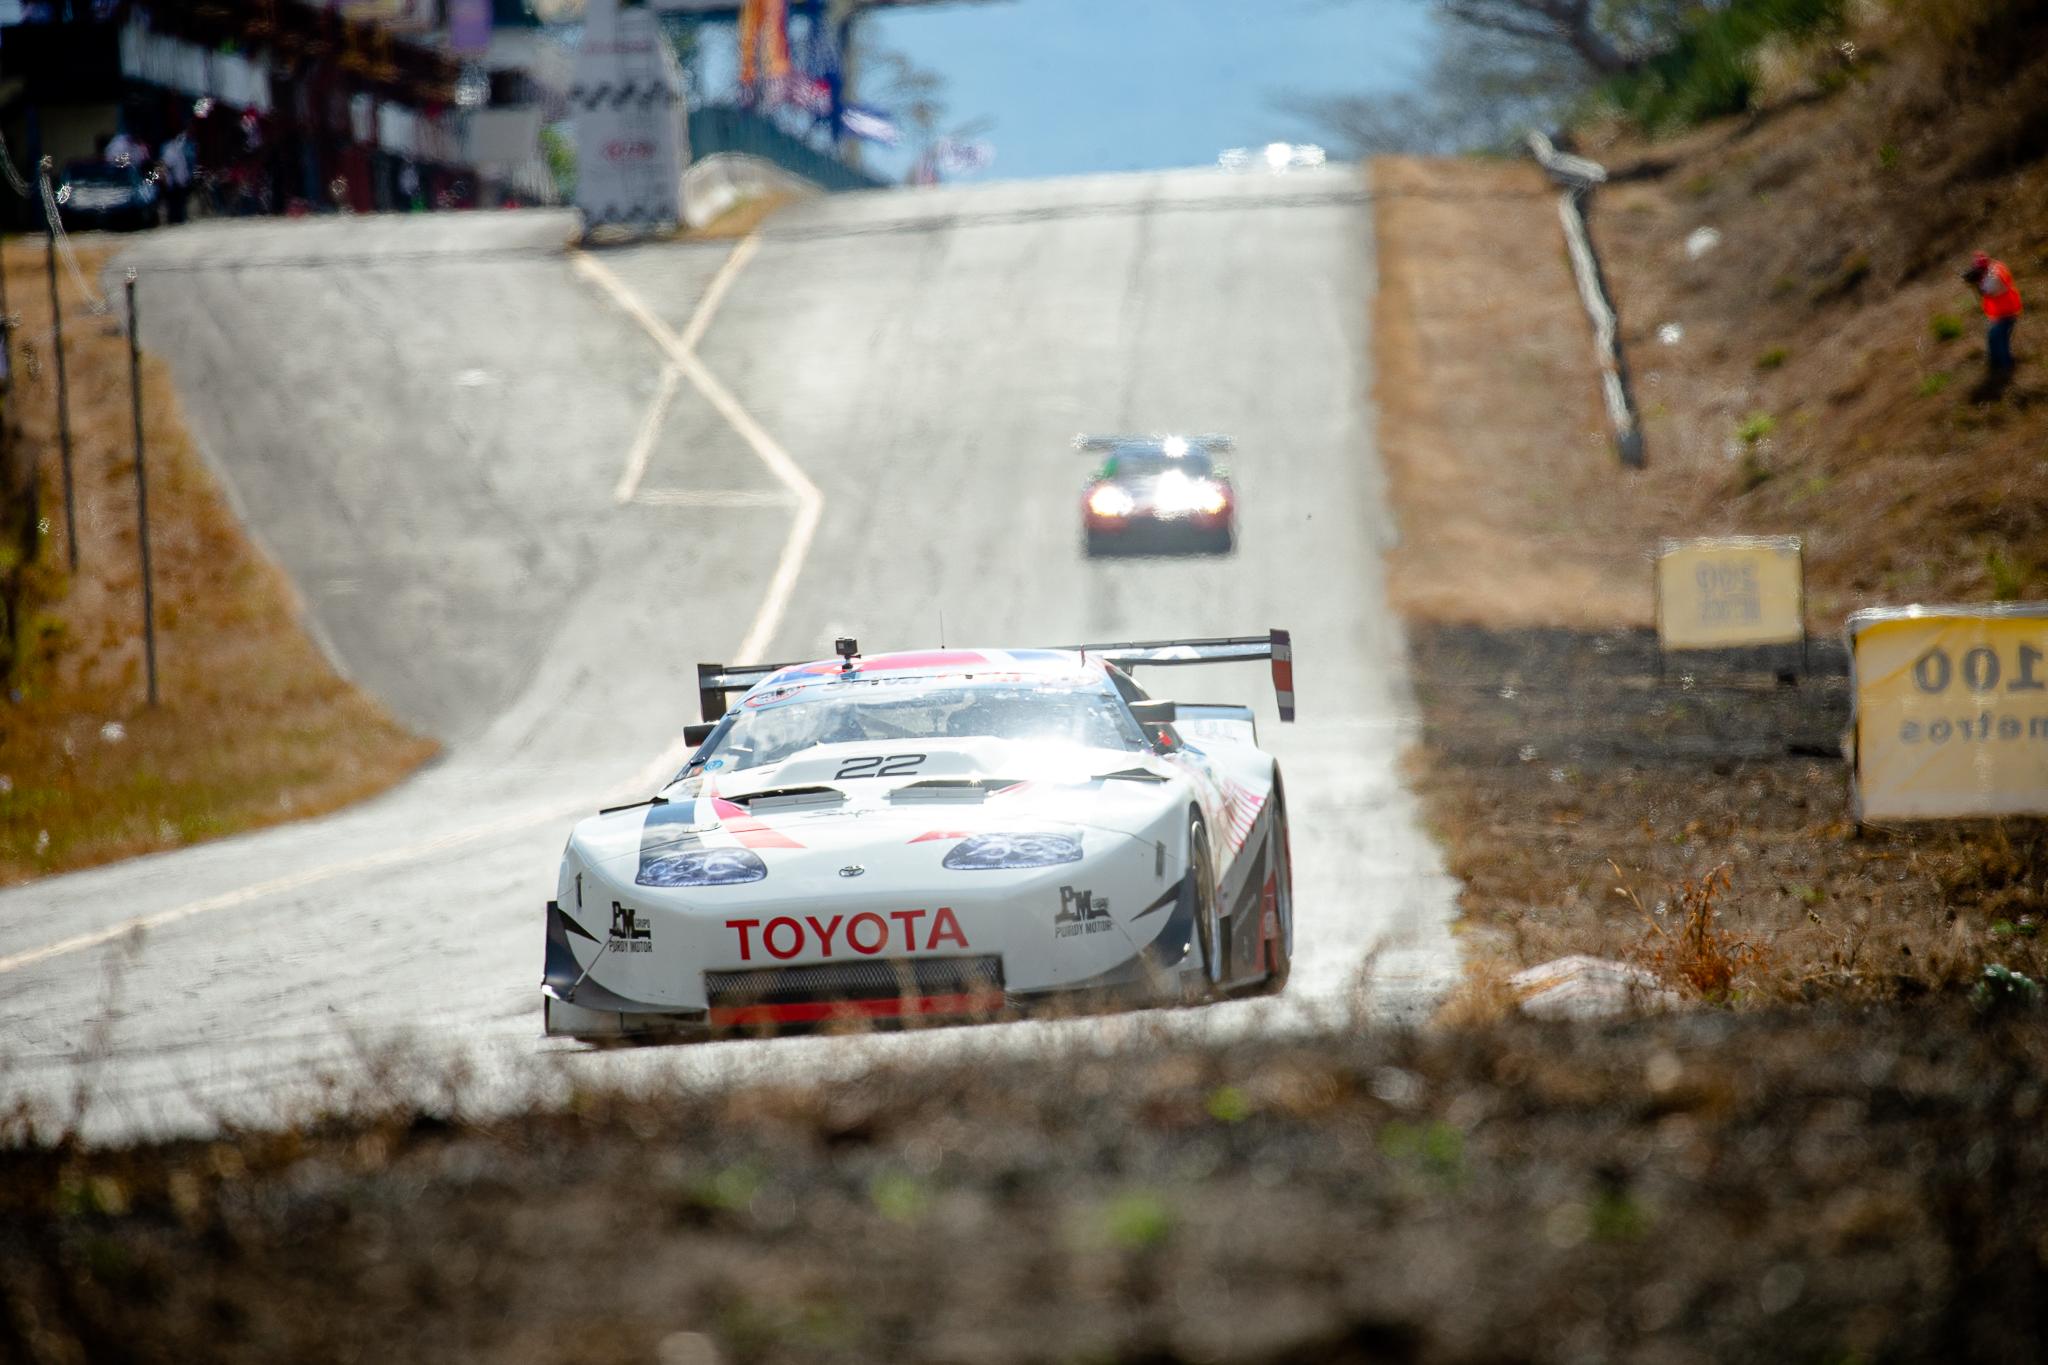 20 vehículos competirán por ganar el Gran Premio Venoco